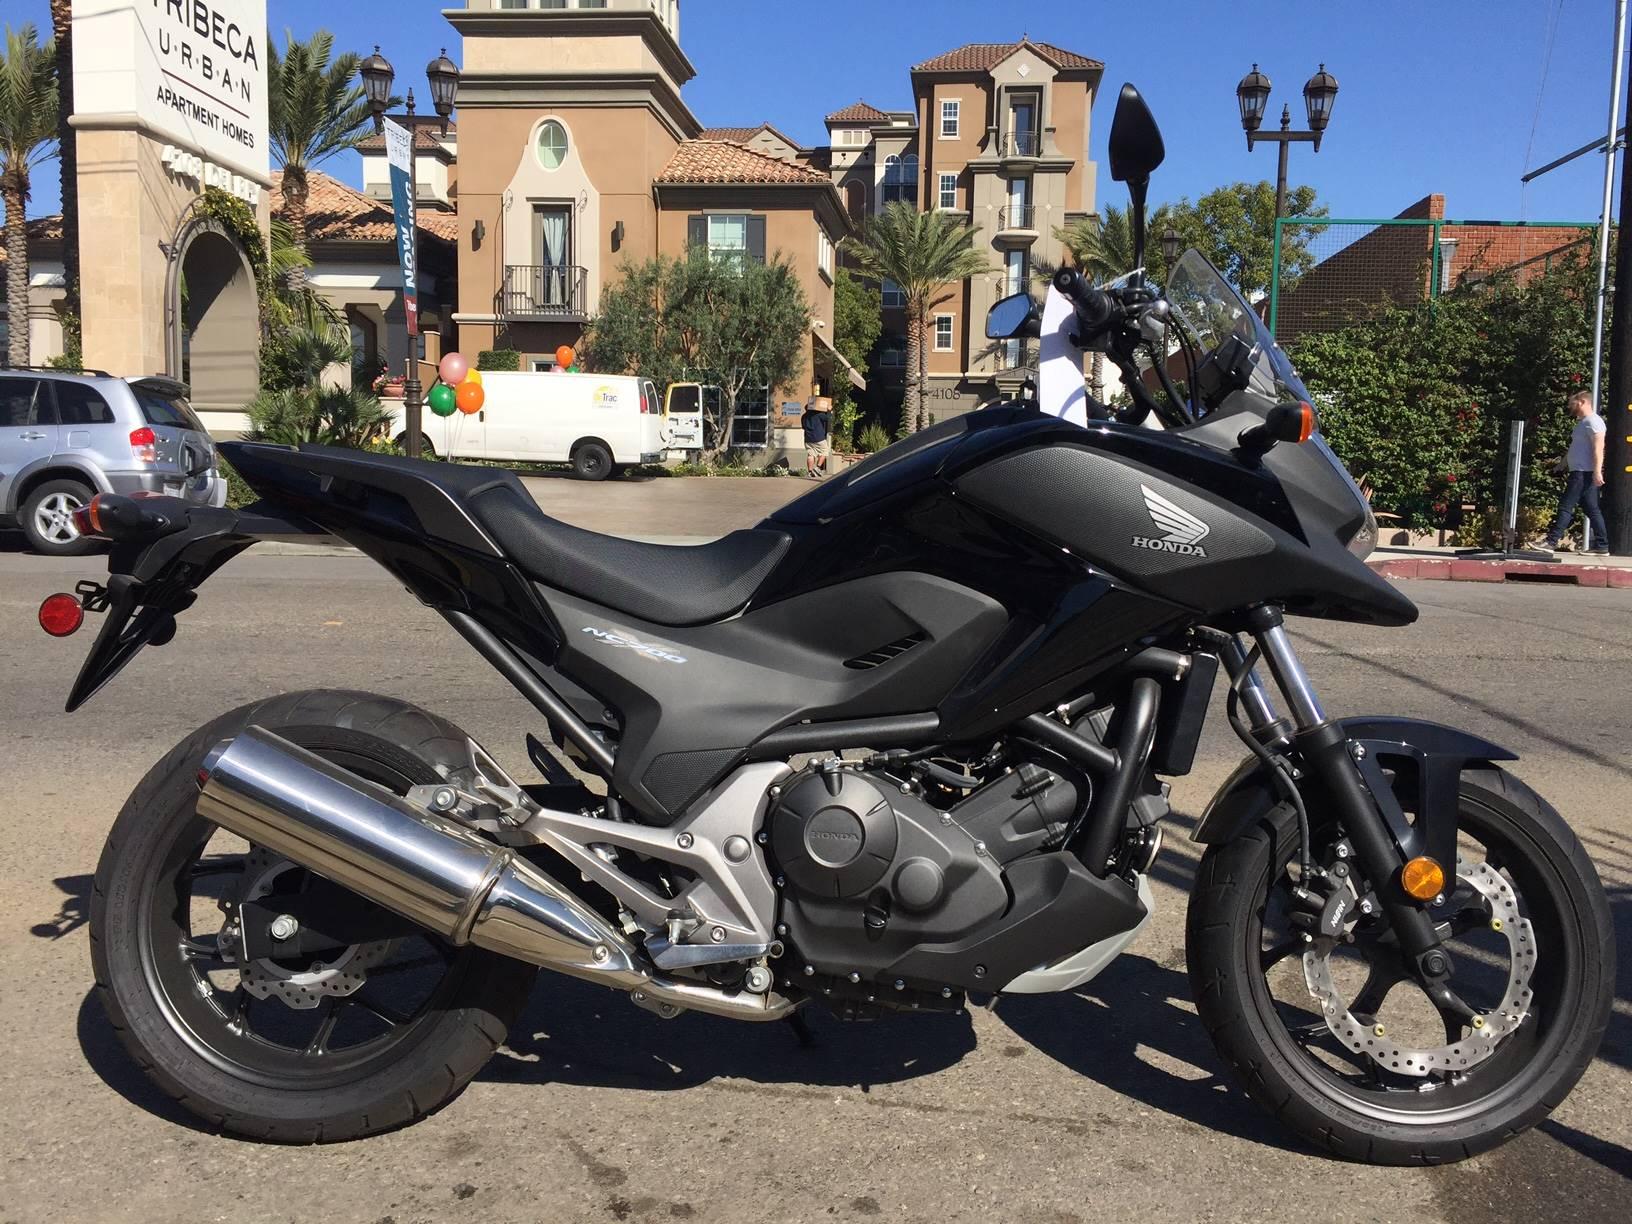 2015 honda nc700x for sale for Honda marina del rey